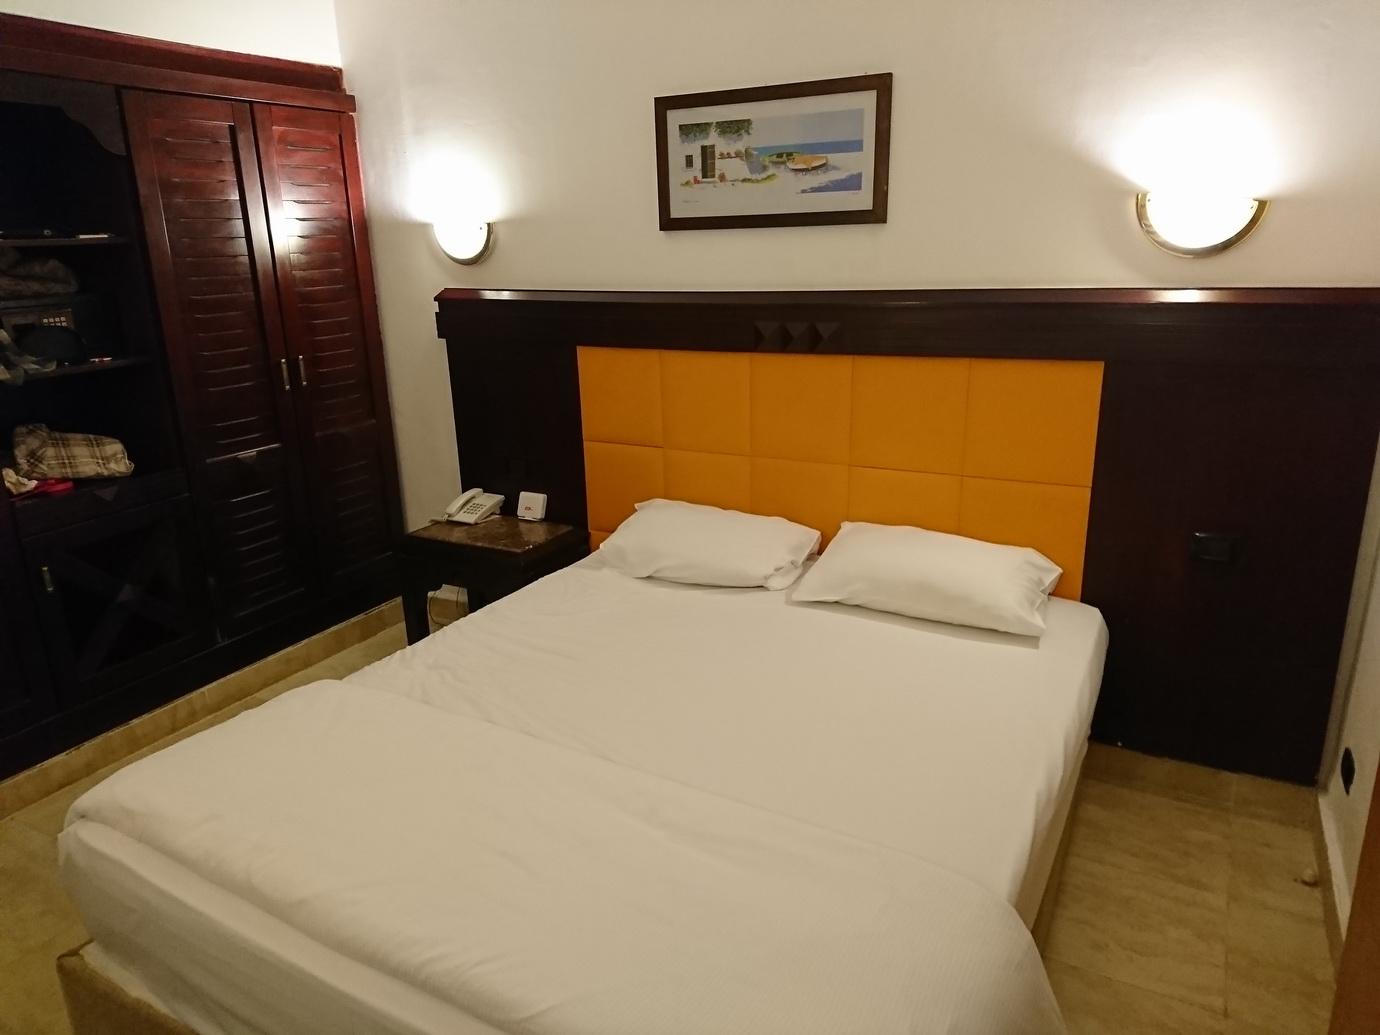 Beach Albatros Resort 4* двухкомнатный номер в отеле (фото)